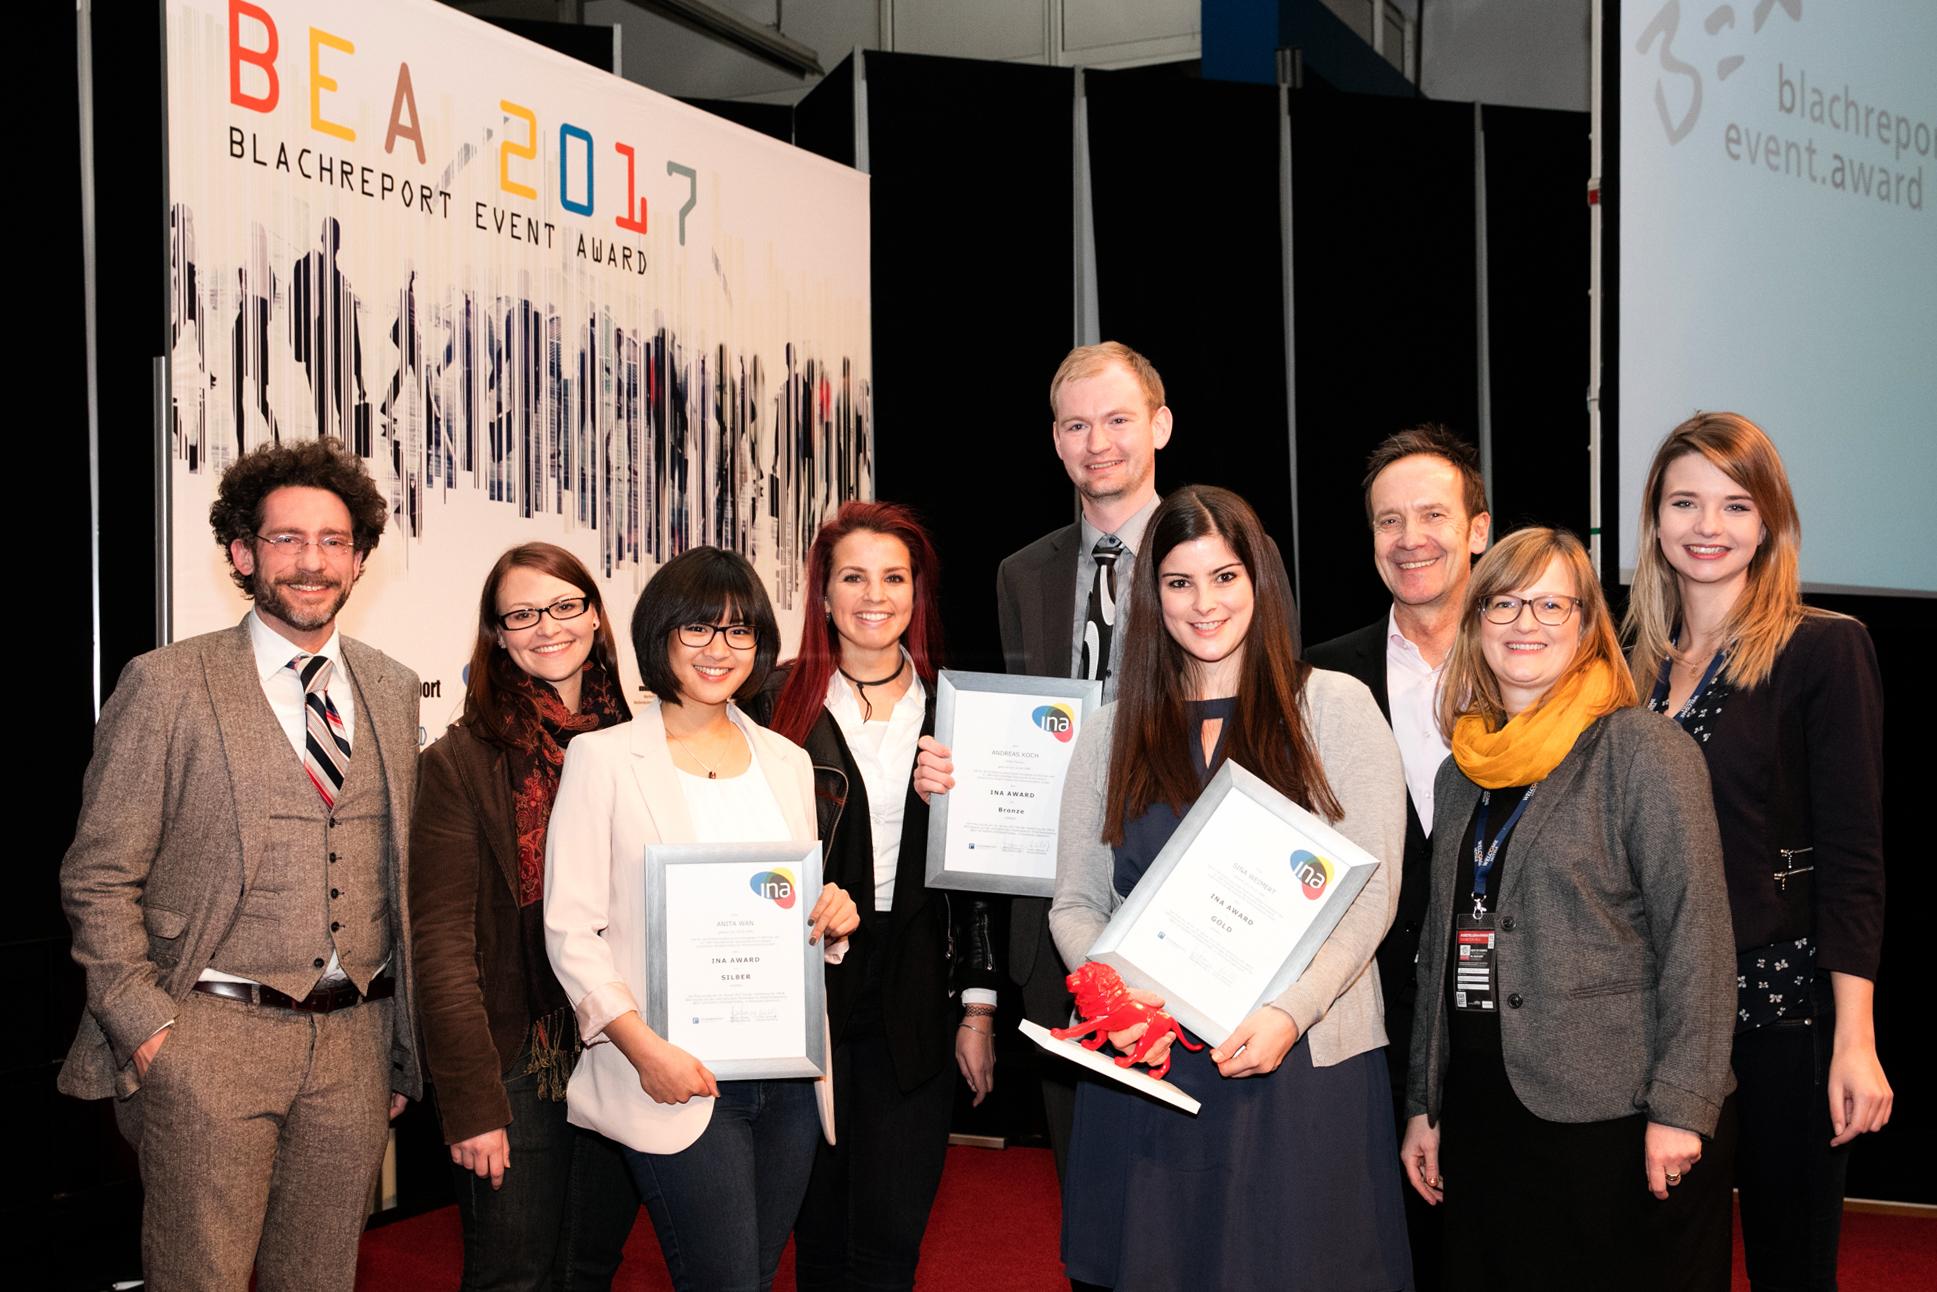 Mit den Gewinnern freuen sich (v.l.n.r.): Kai Janssen (GF MATT CIRCUS), Irene Menke (MATT CIRCUS), Anita Wan (Gewinnerin Silber), Anna Müller (MATT CIRCUS), Andreas Koch (Gewinner Bronze), Sina Weimert (Gewinnerin Gold), Michael Hosang (GF Studieninstitut), Kristin Wittmütz (Studieninstitut), Gina Rölike (Studieninstitut).